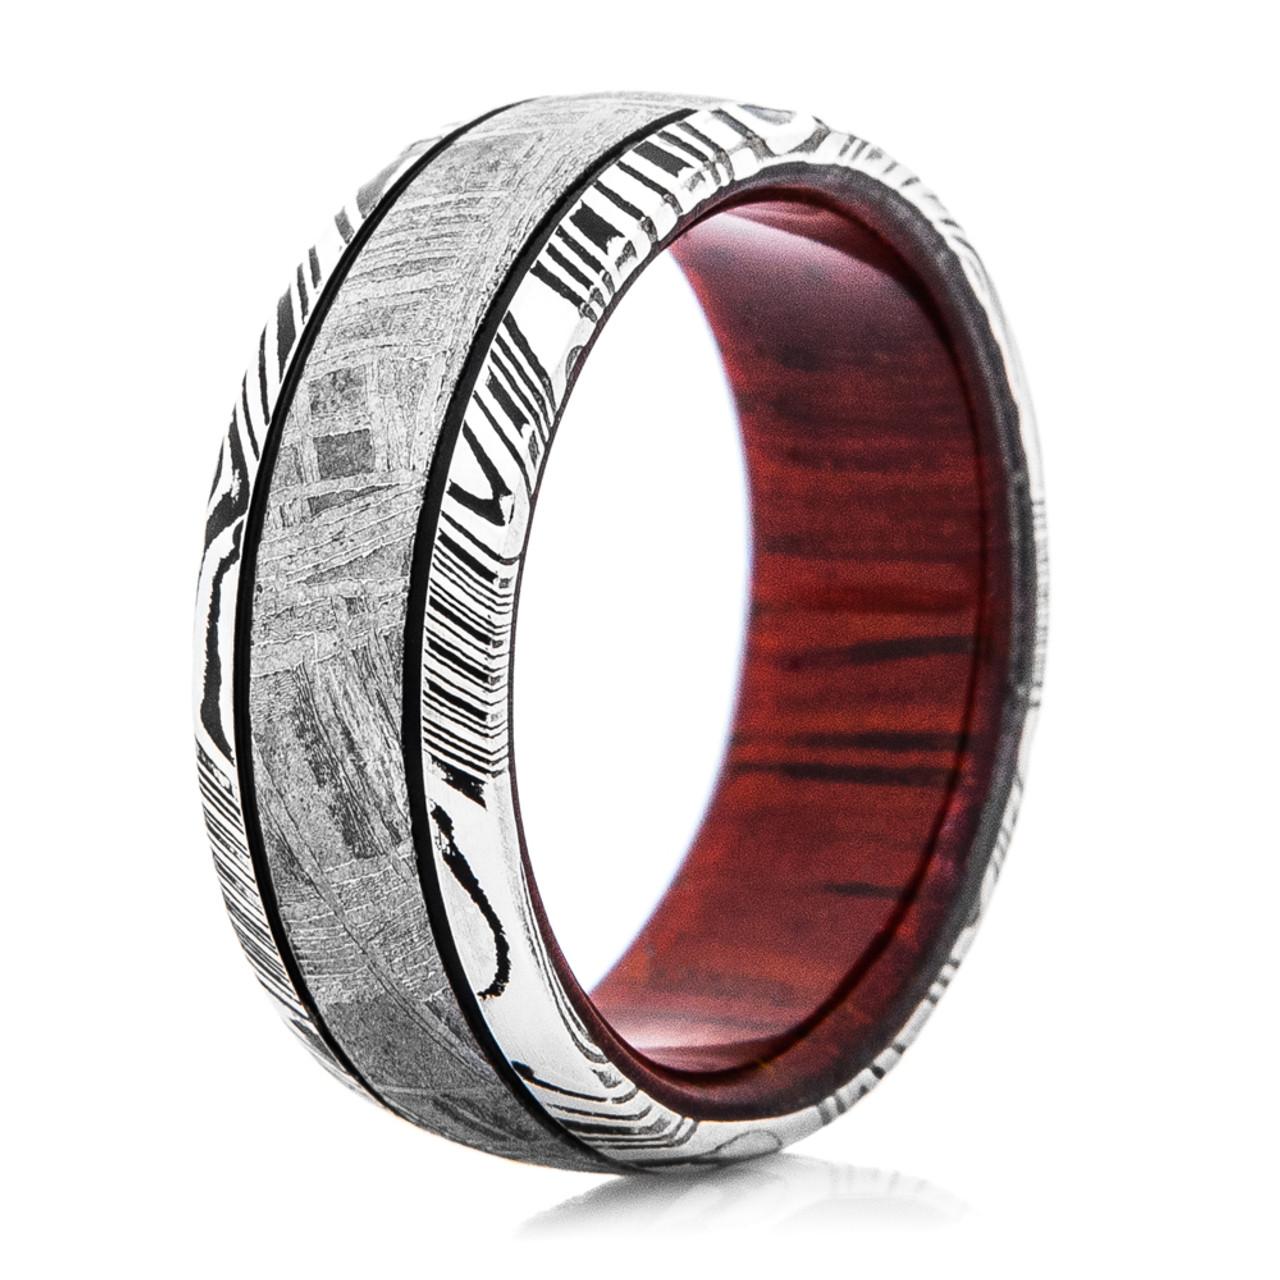 wood ring DAMASCUS steel ring wood wedding band man ring PADAUK WOOD inside wood band